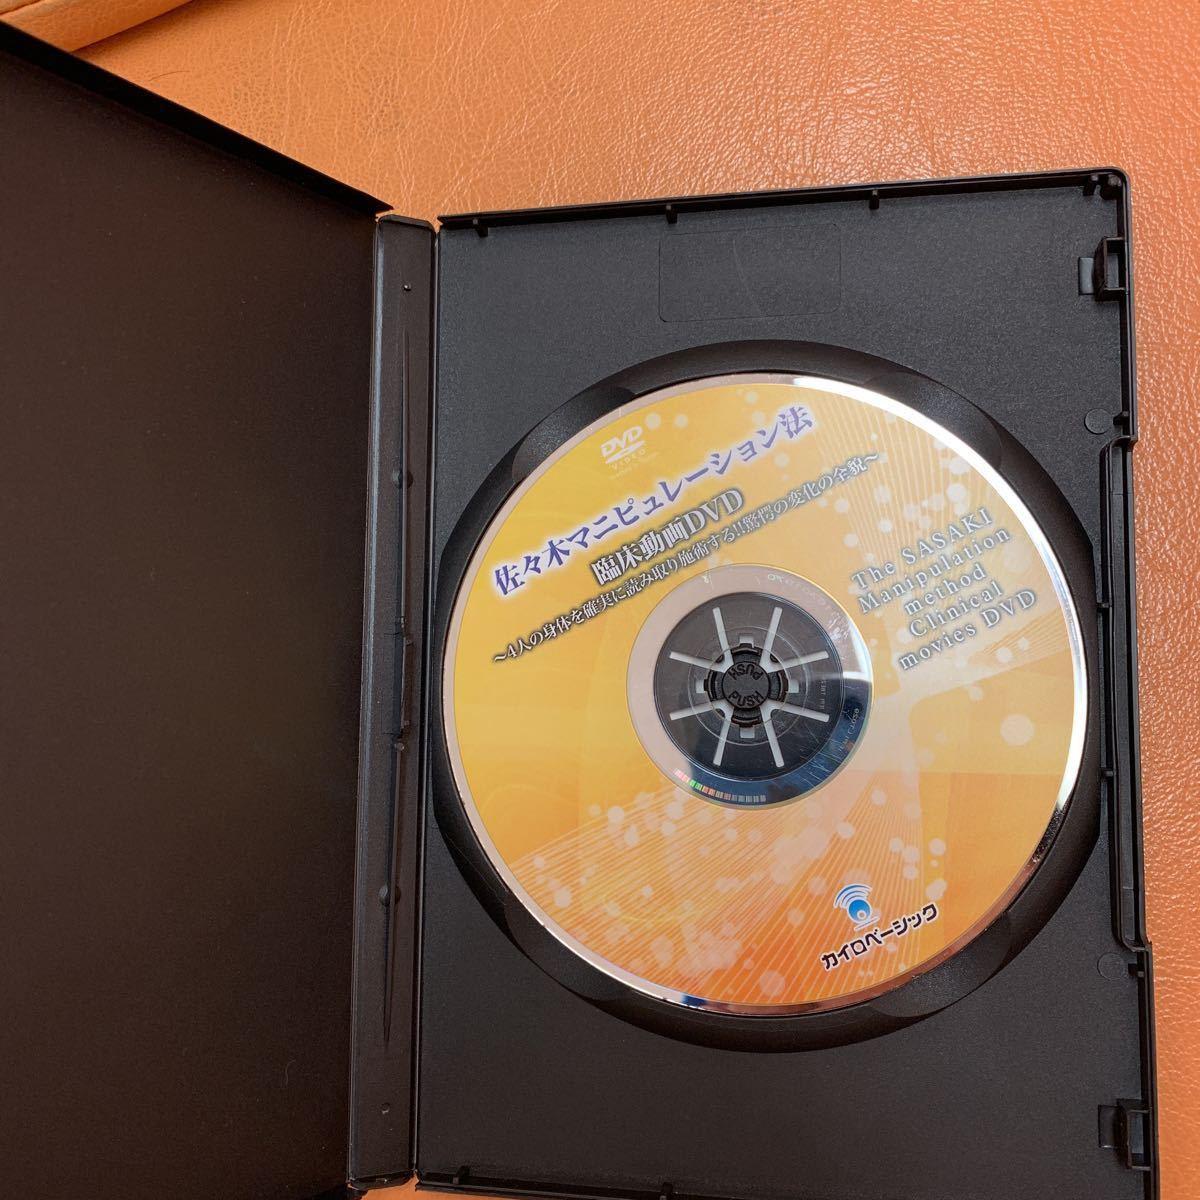 【佐々木マニピュレーション法セミナー 腰部骨盤編】本編DVD+臨床動画DVD 佐々木繁光 整体_画像5